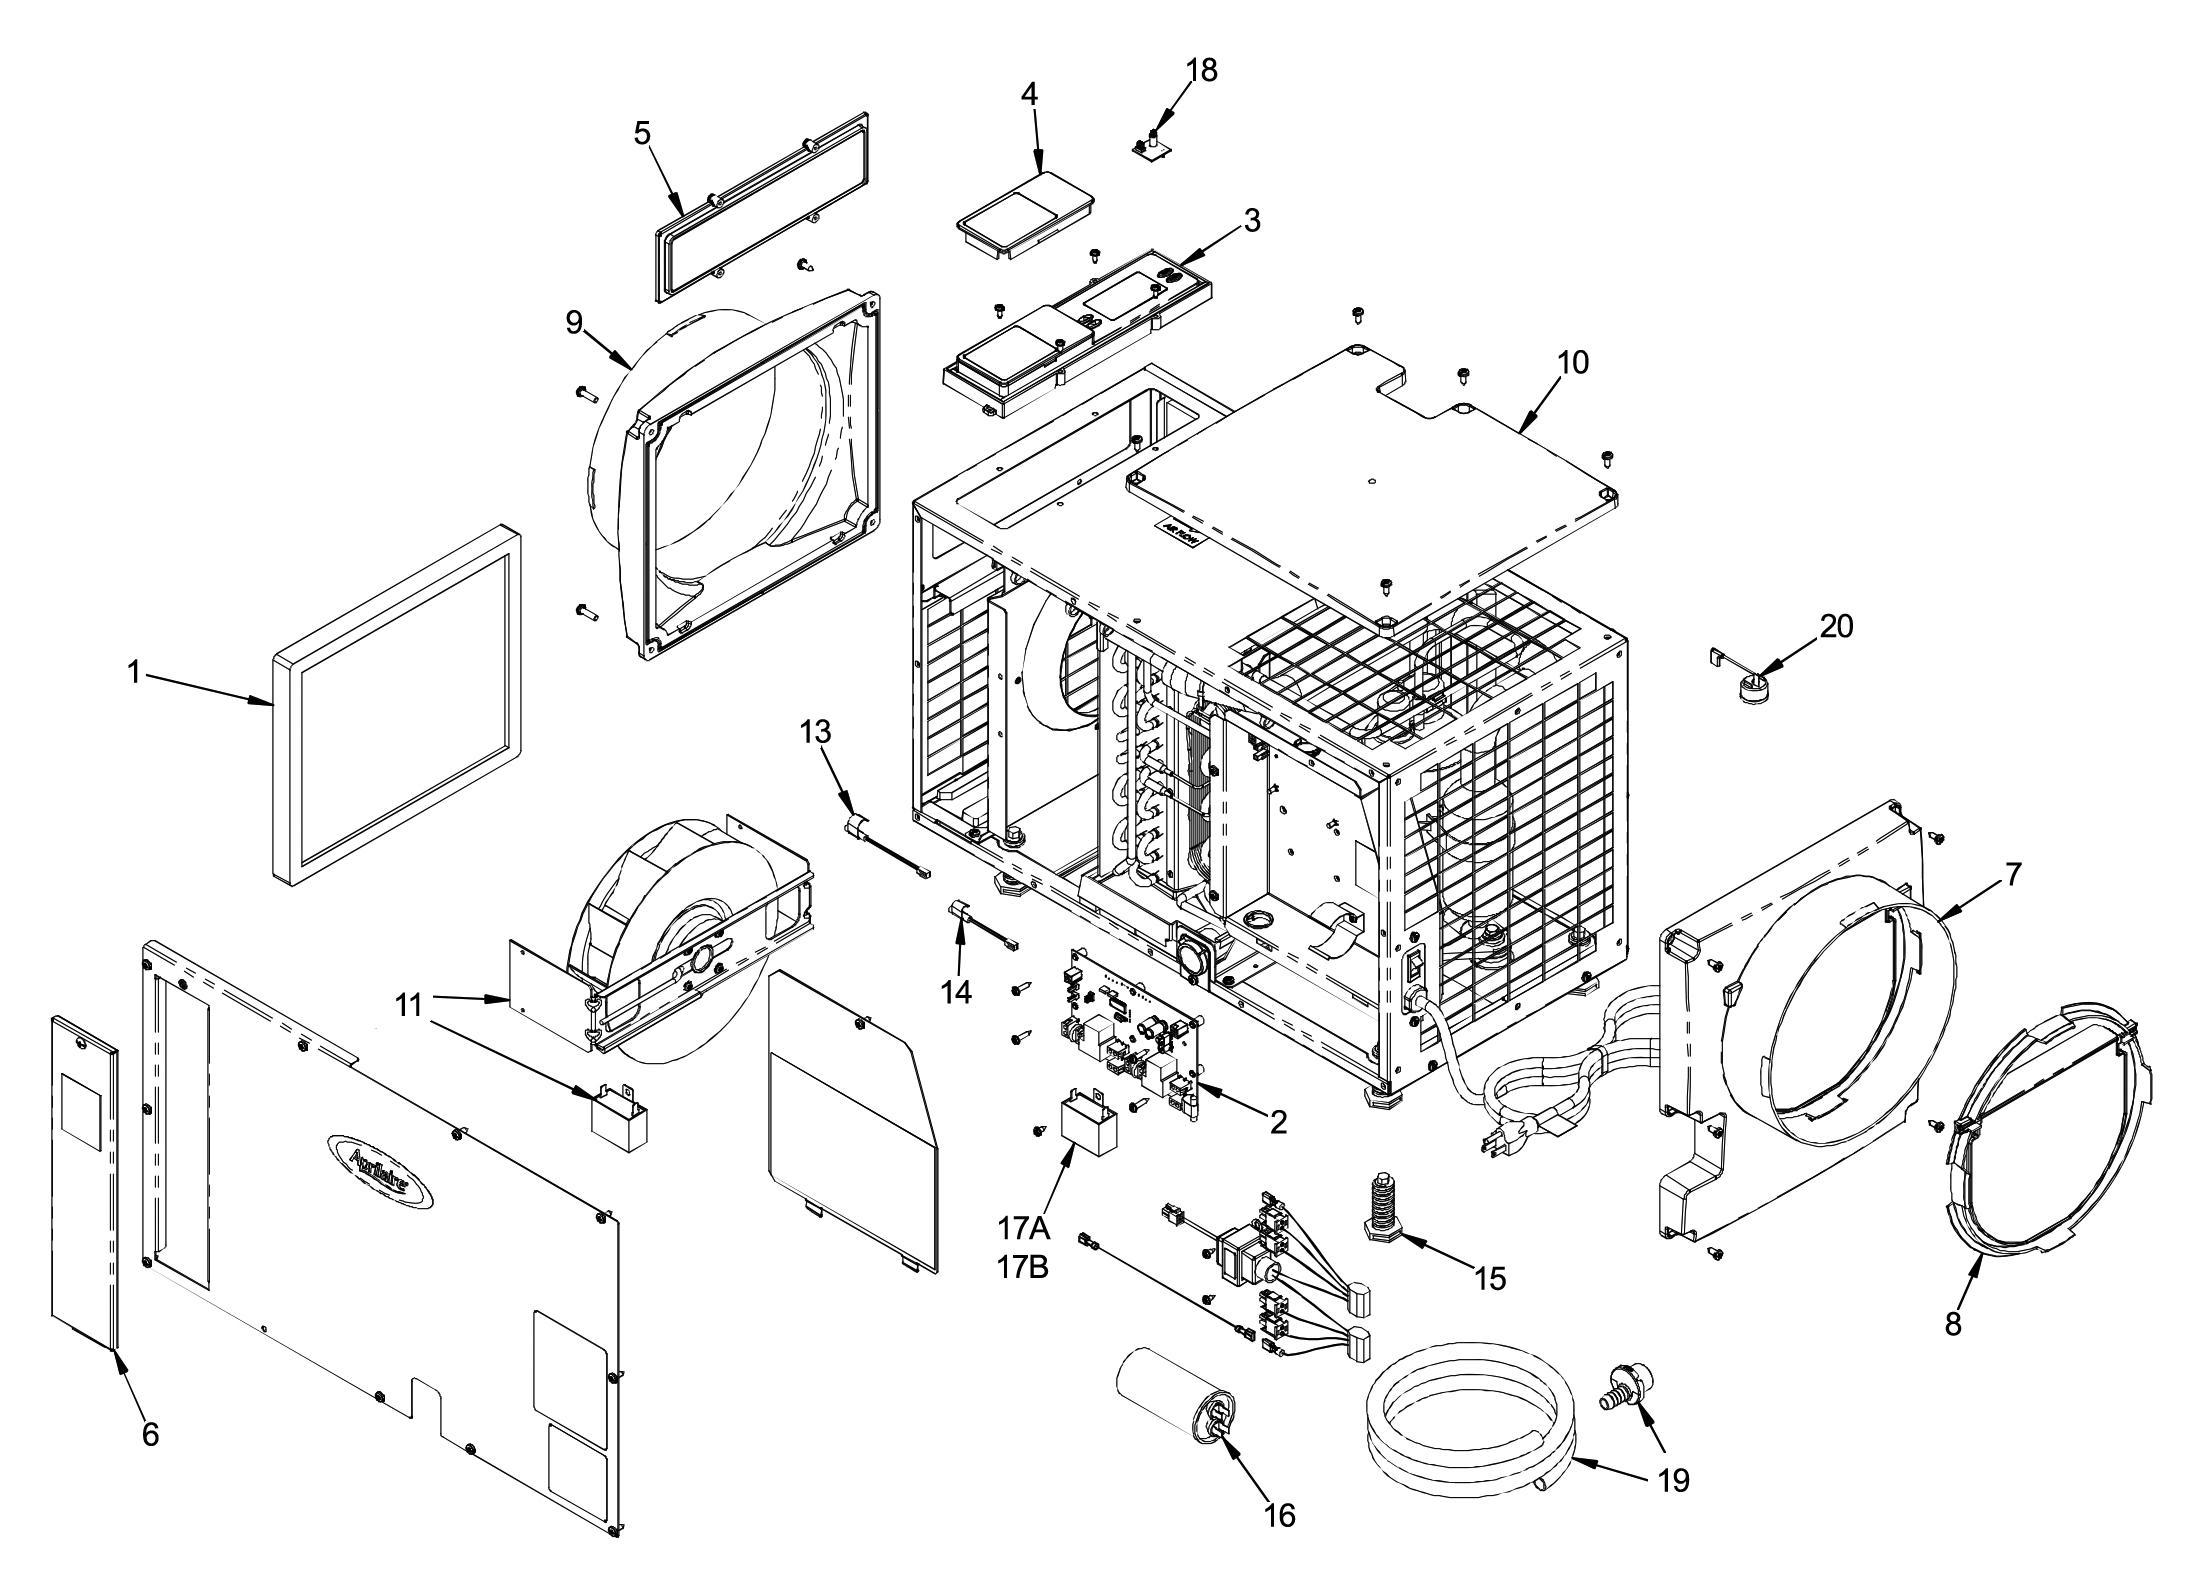 Aprilaire 1830 Dehumidifier